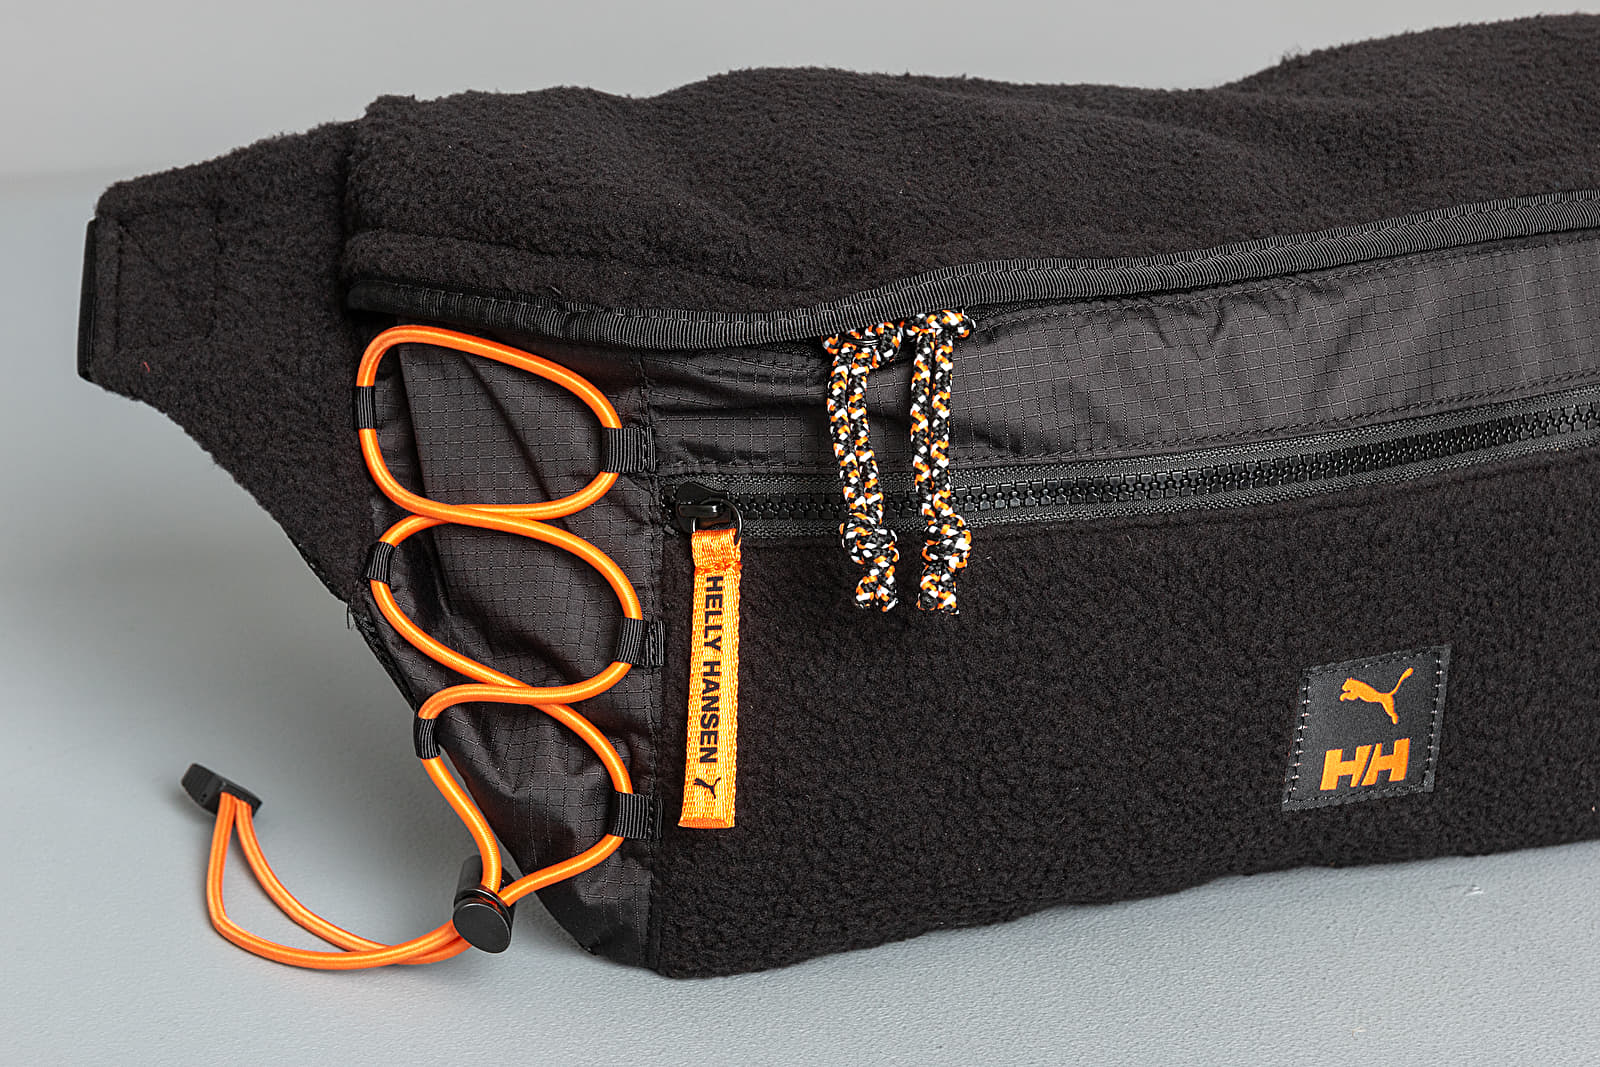 Puma x Helly Hansen Oversized Waistbag Black | Footshop